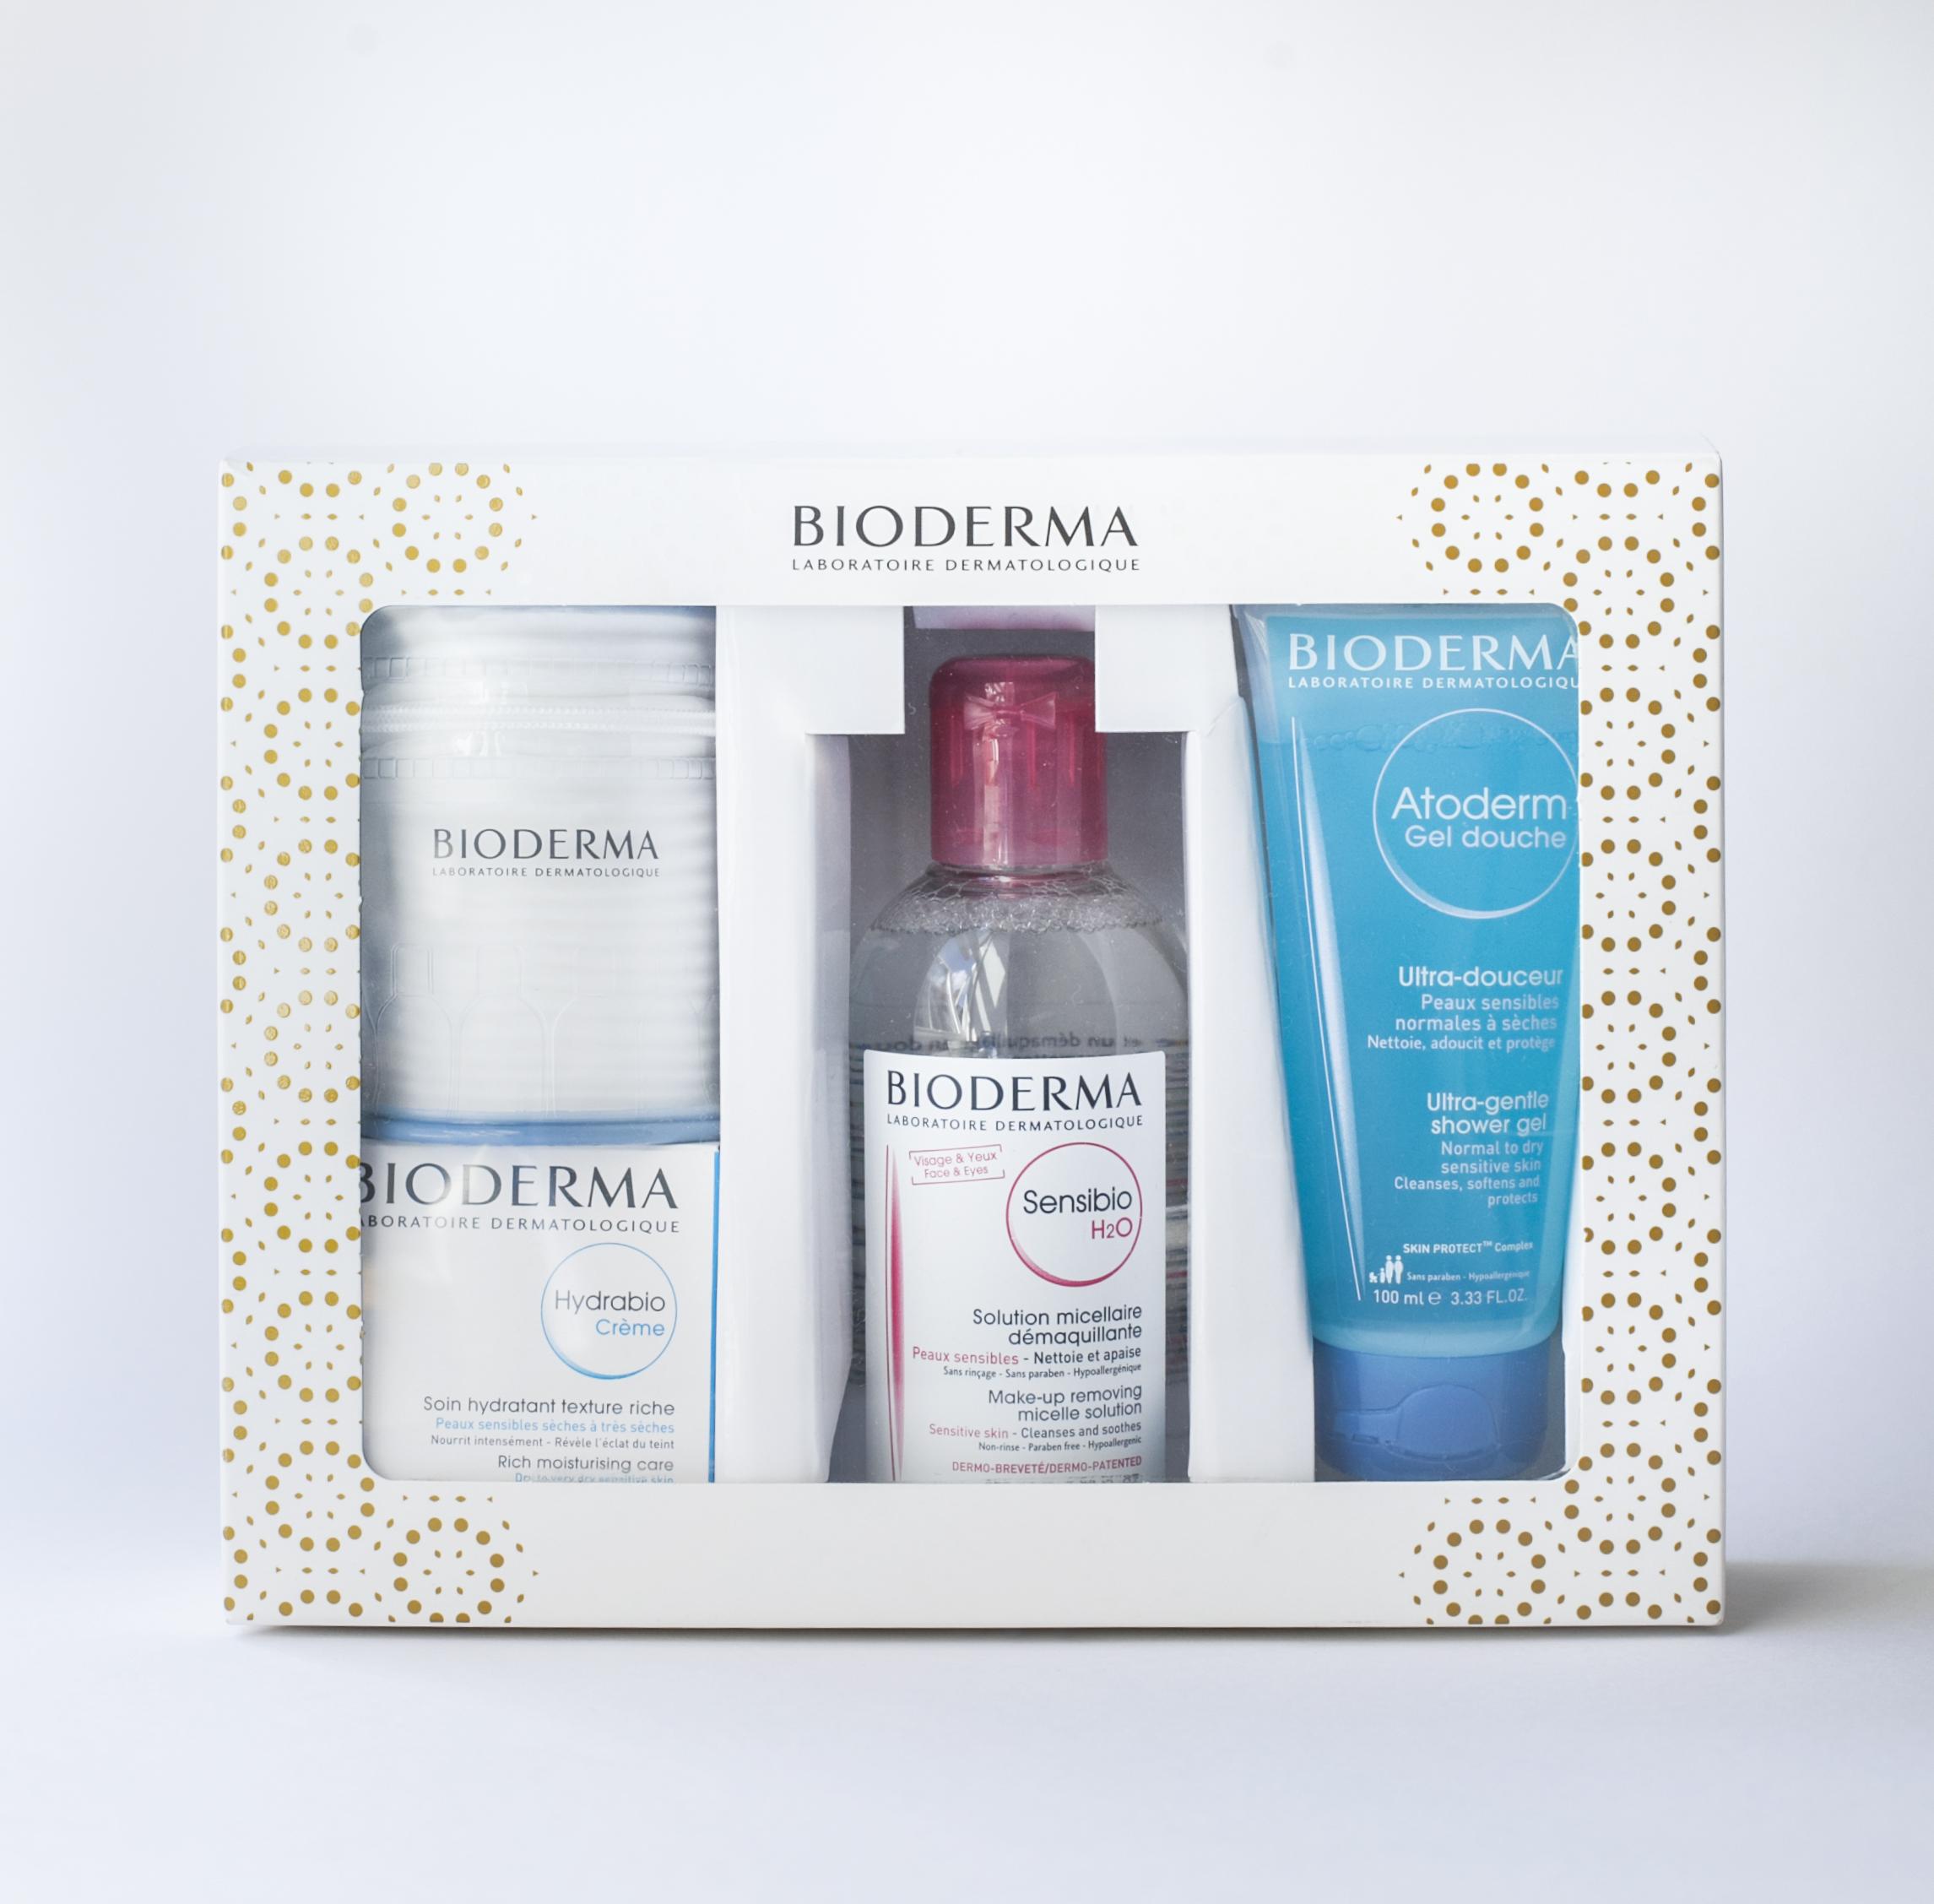 干皮专享 法国贝德玛Bioderma护肤卸妆套装